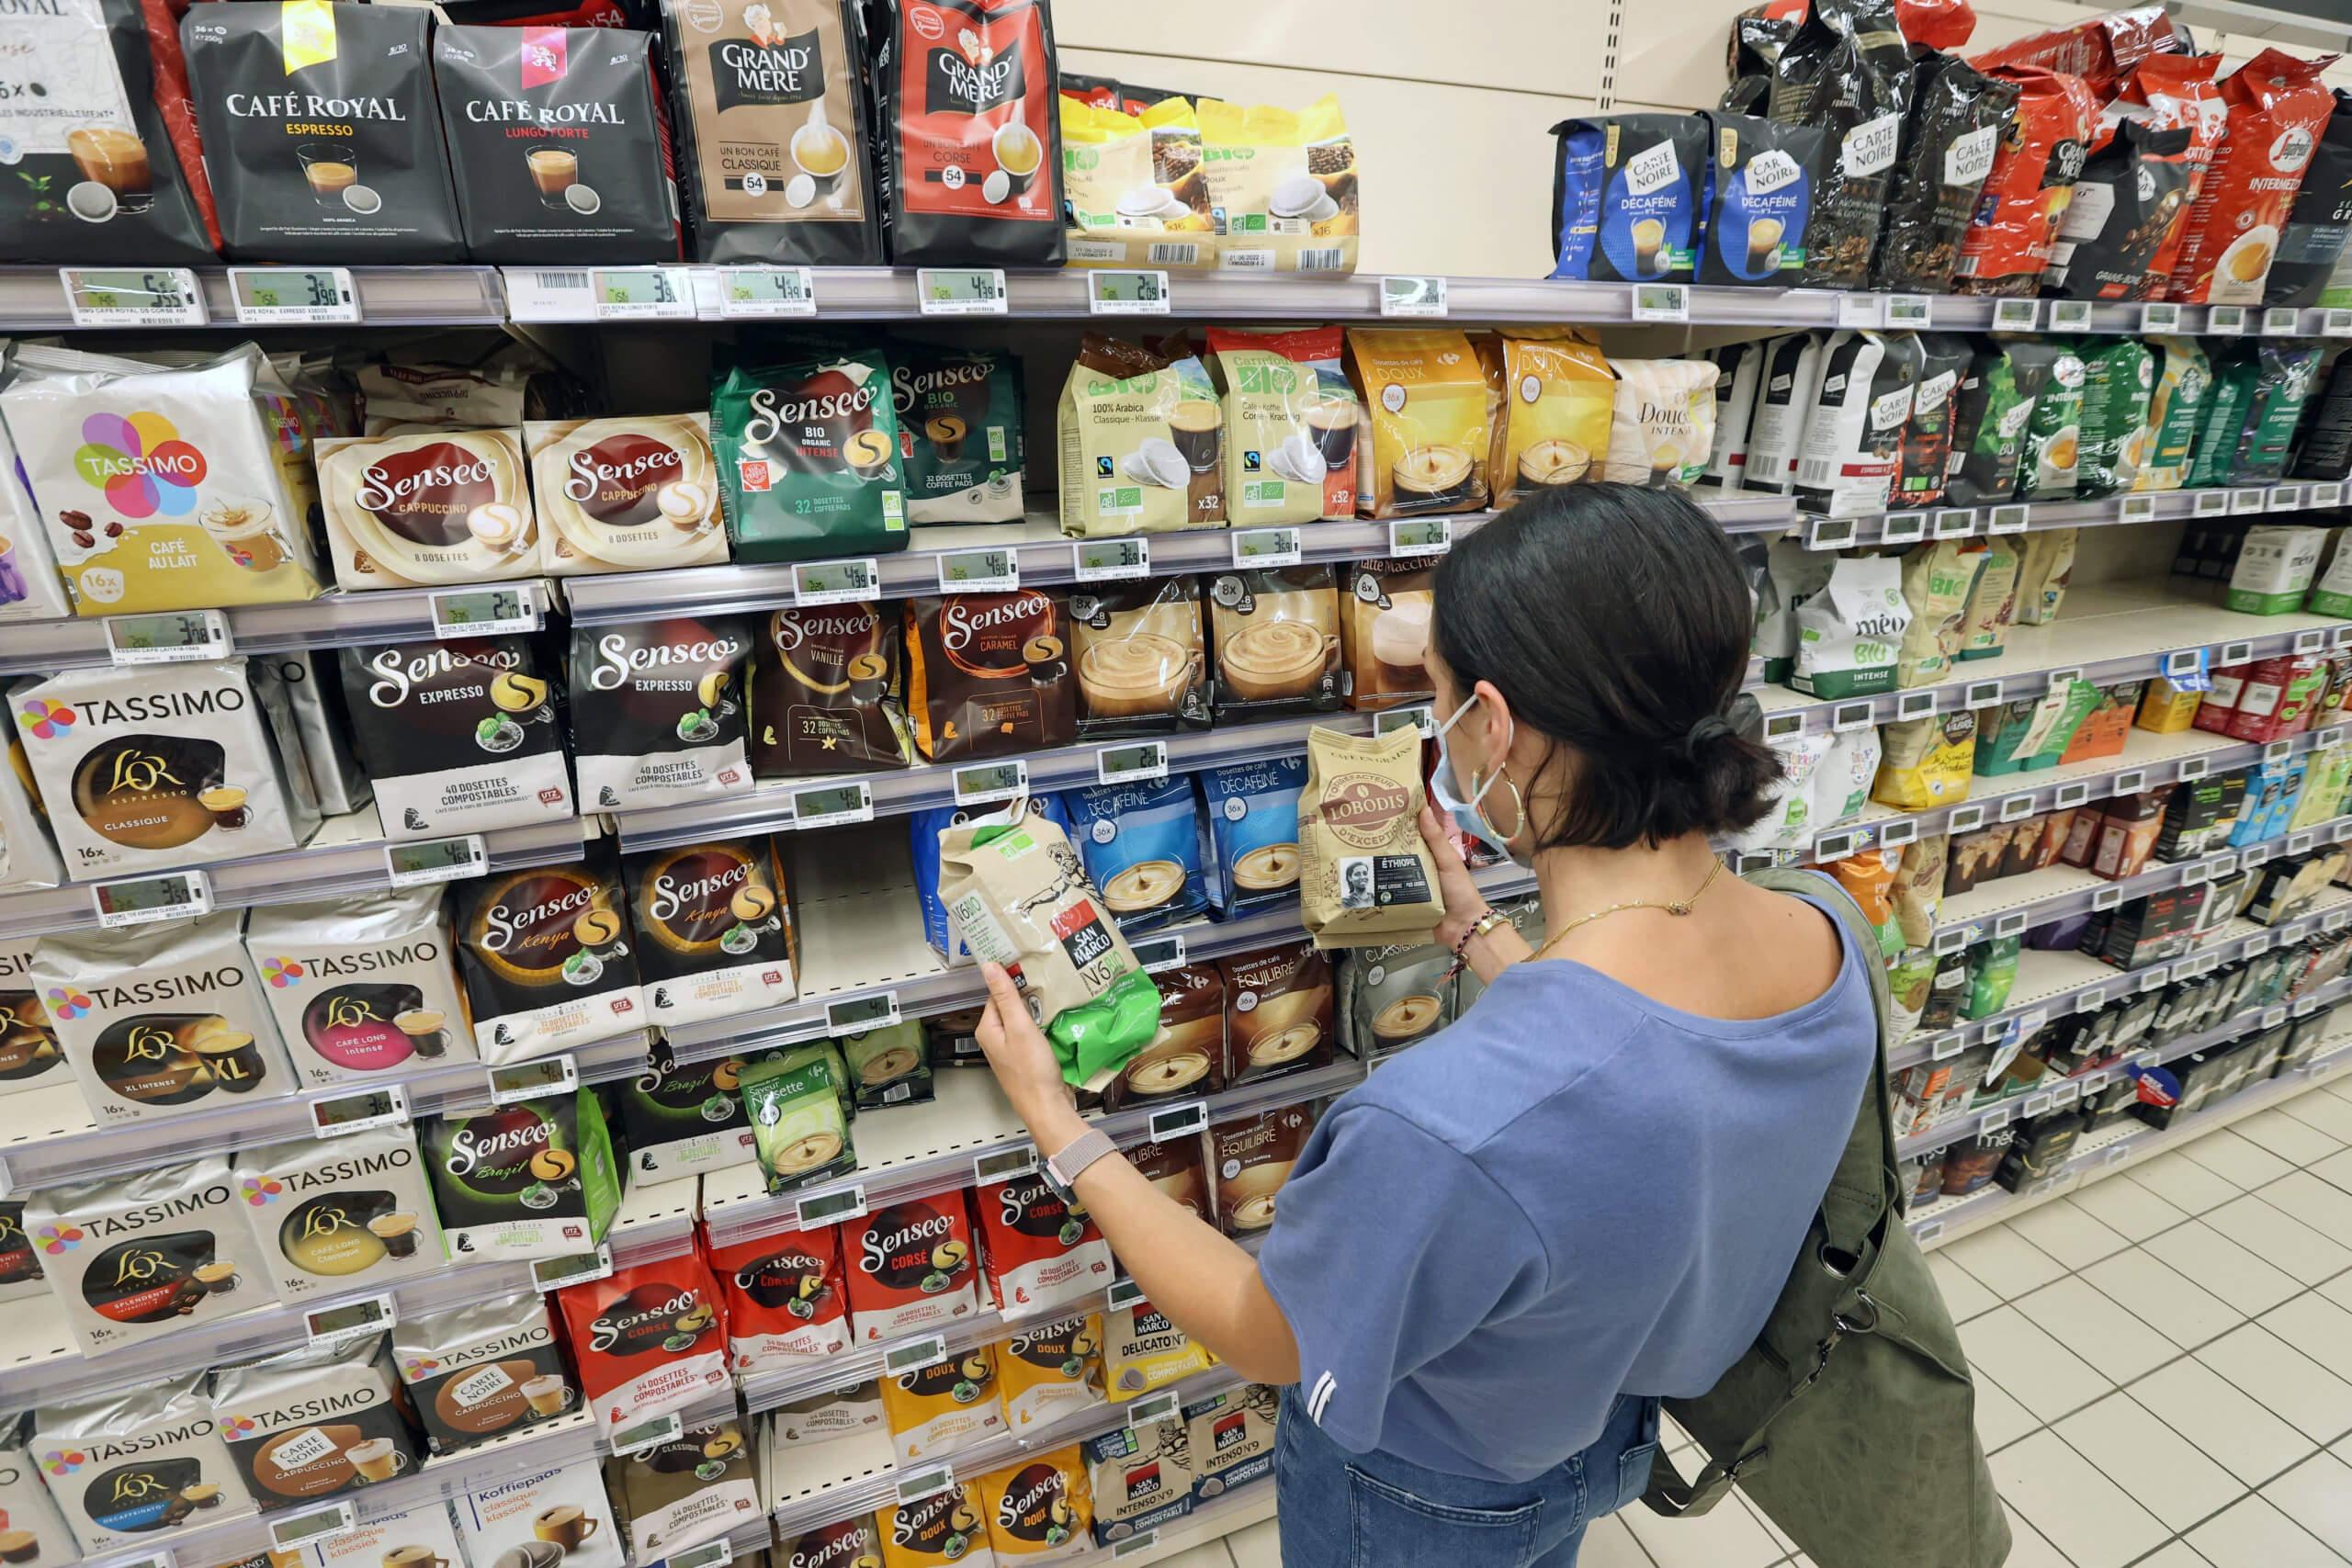 Kundin im Supermarkt in Frankreich